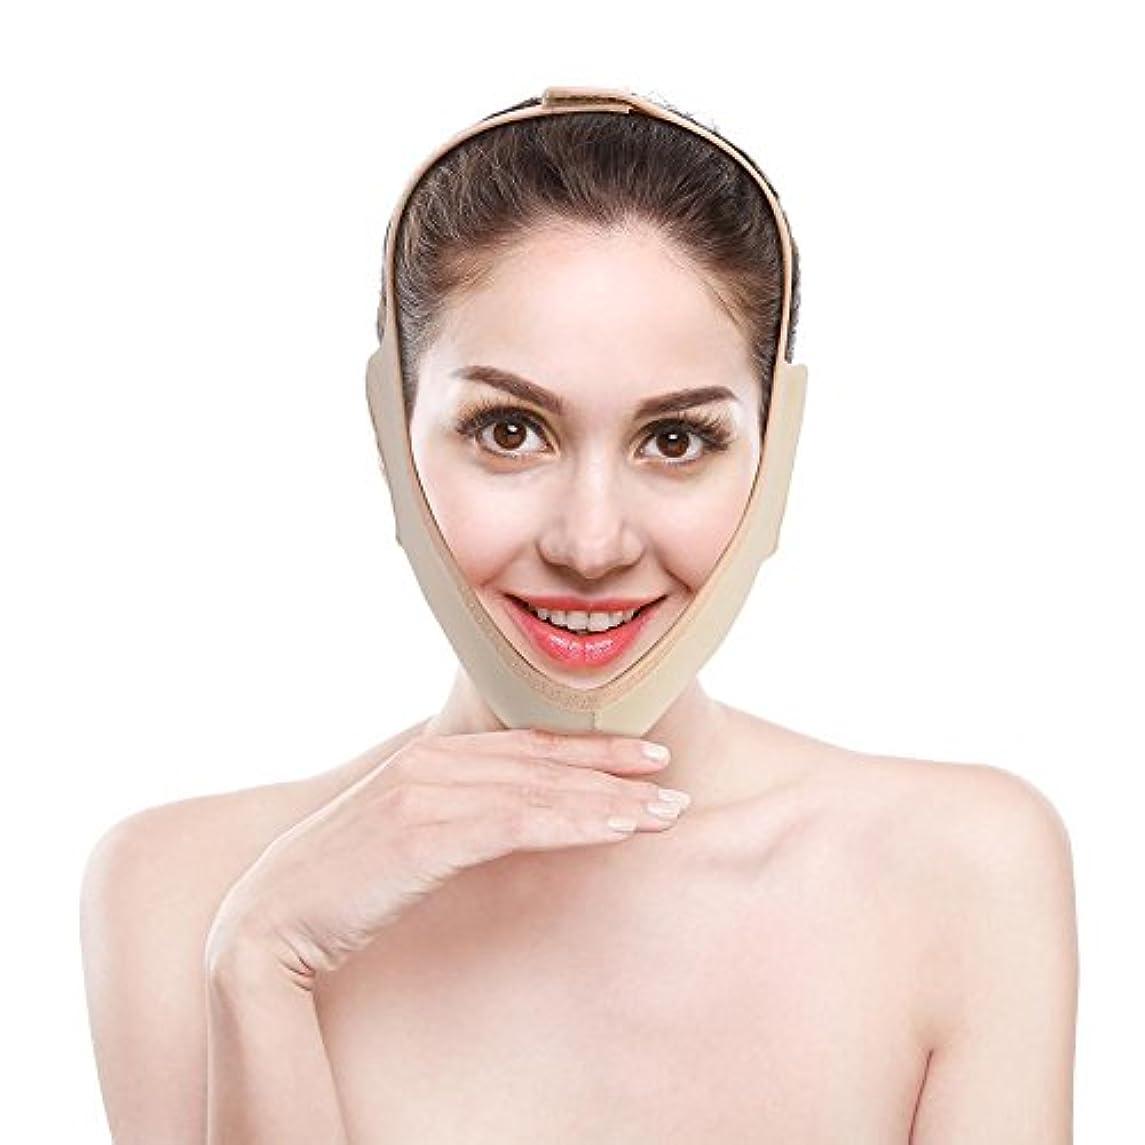 無知パックリーガン顔の輪郭を改善するVフェイス包帯、フェイスリフト用フェイスマスク、通気性/伸縮性/非変形性(M)